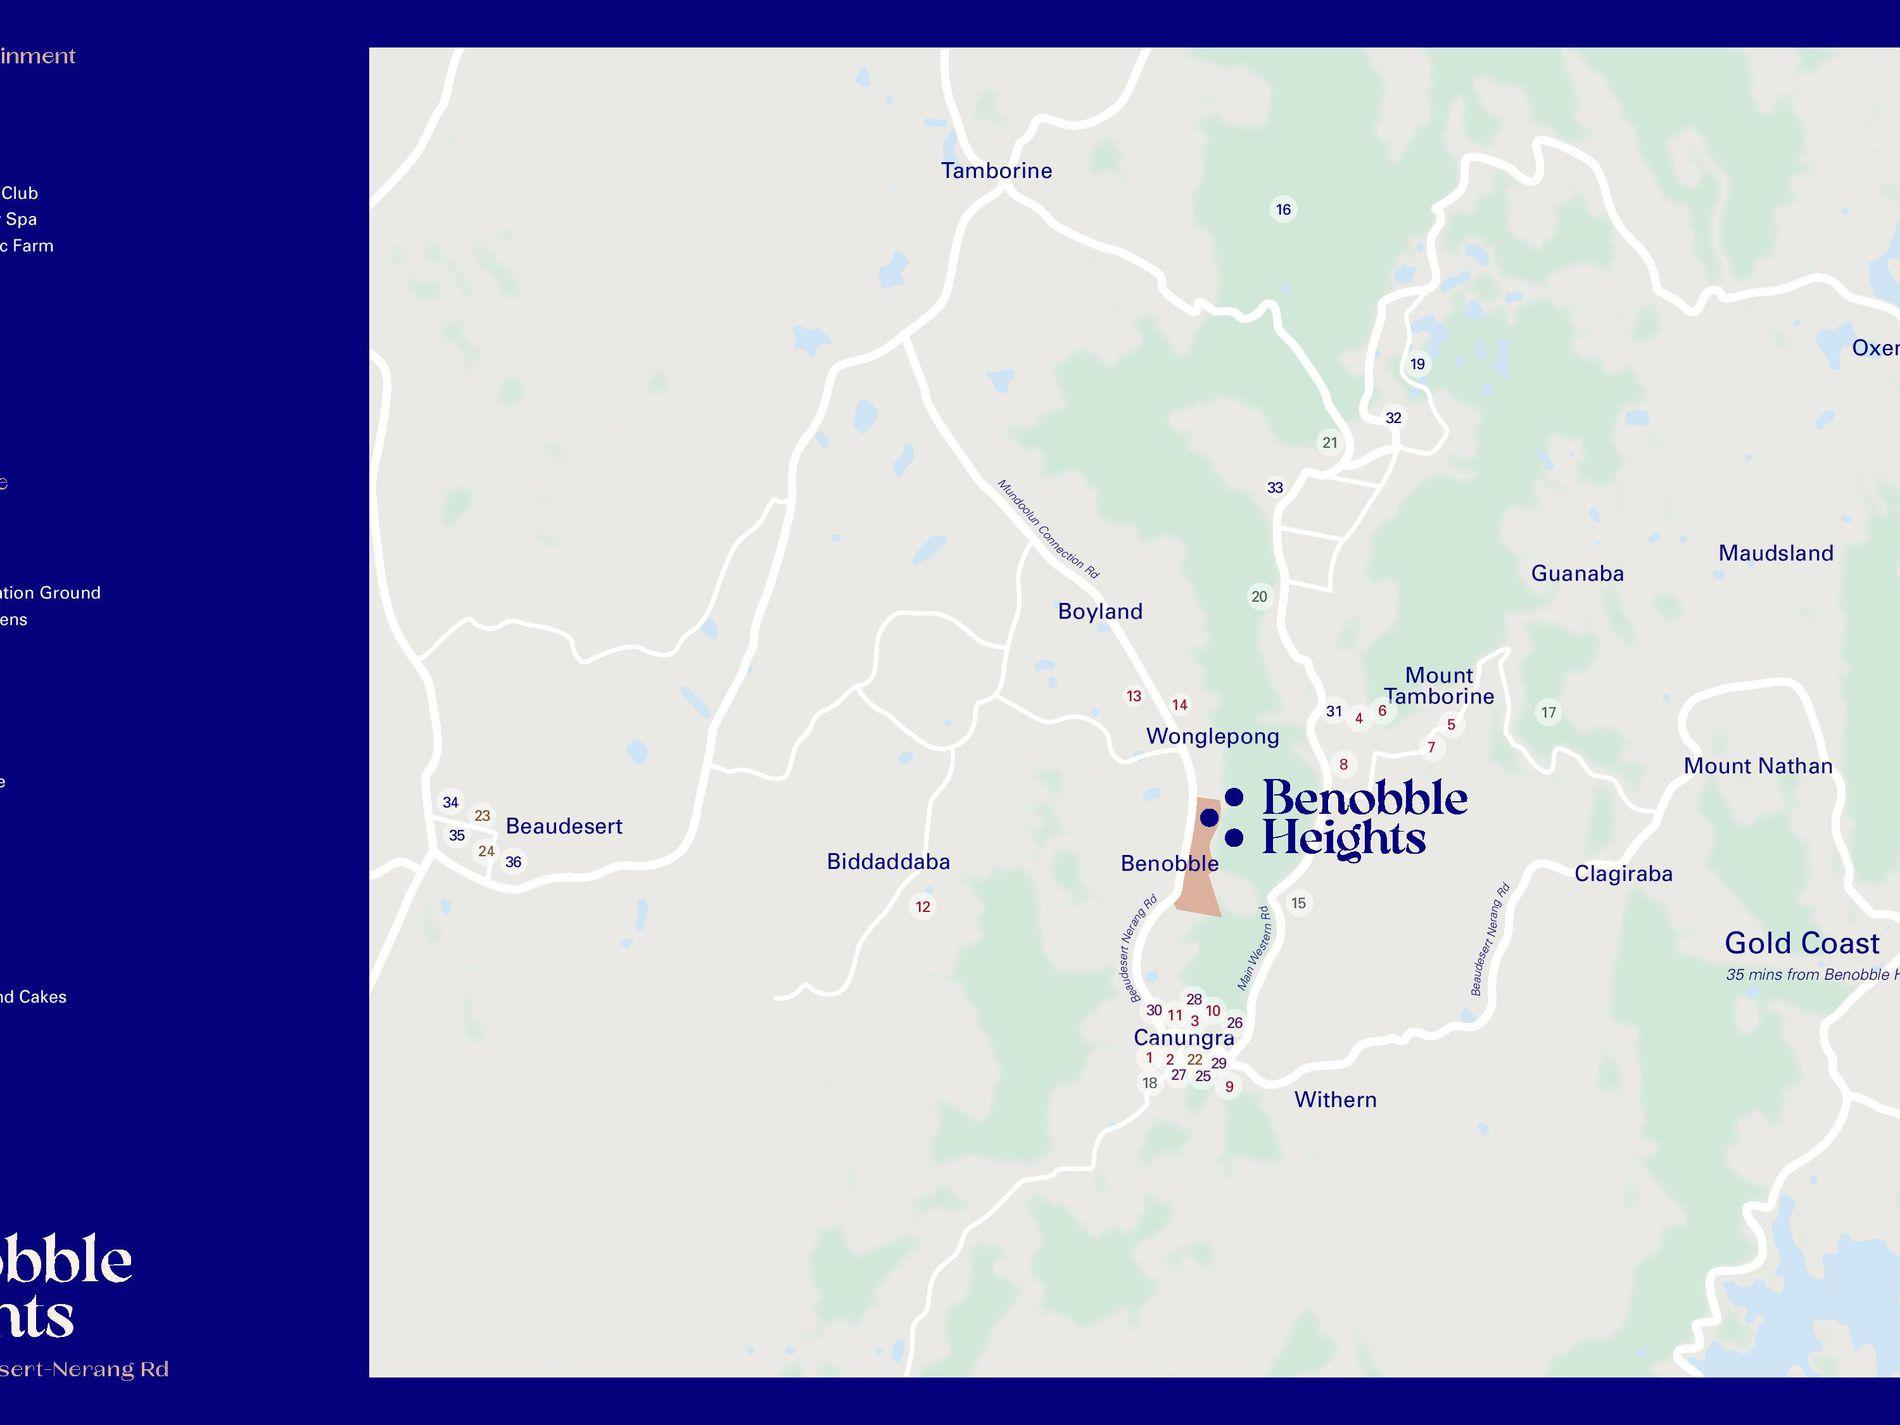 Lot 24, 2558 Beaudesert Nerang Road, Canungra